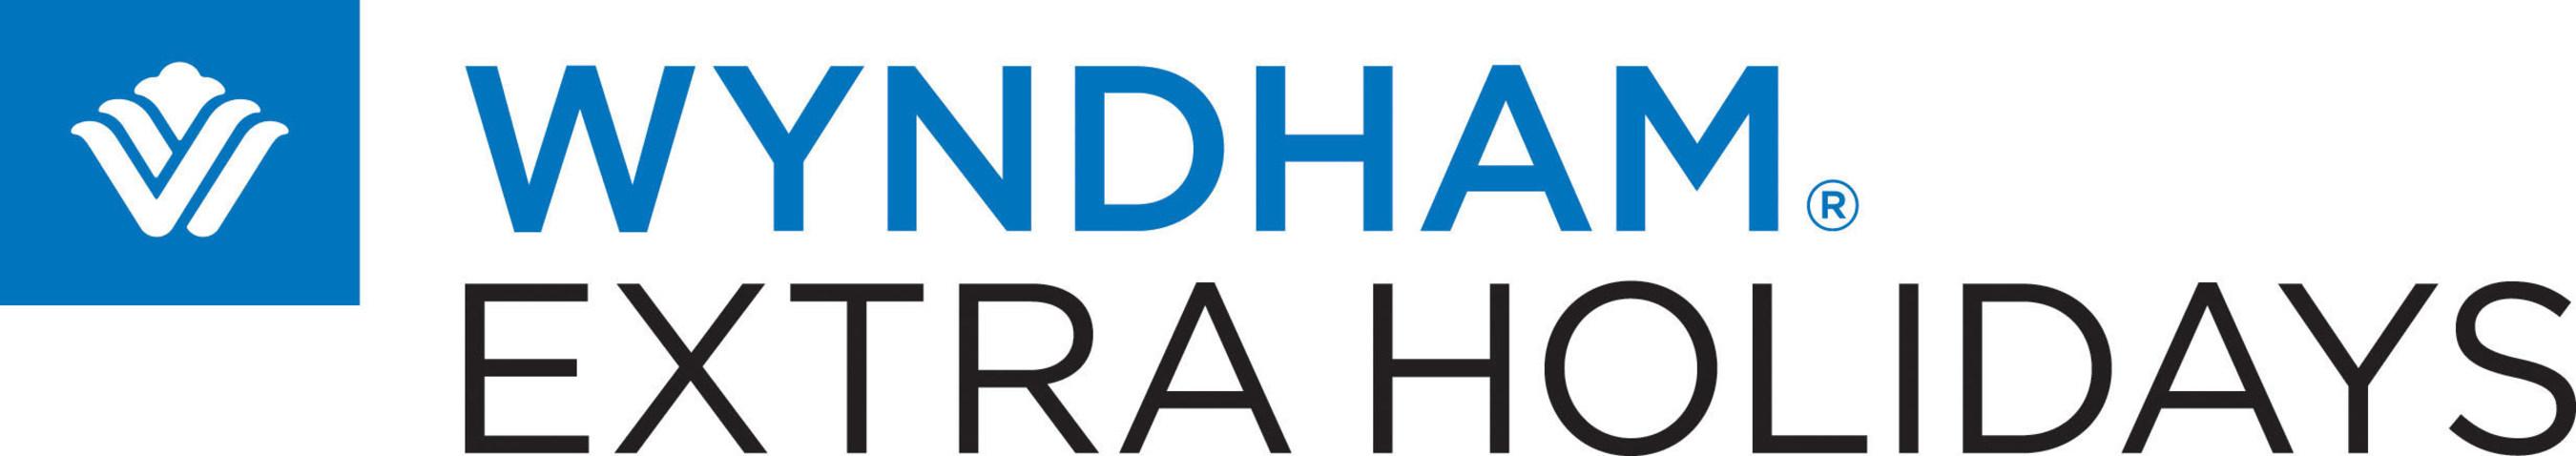 Wyndham Extra Holidays (PRNewsFoto/Wyndham(R) Extra Holidays)